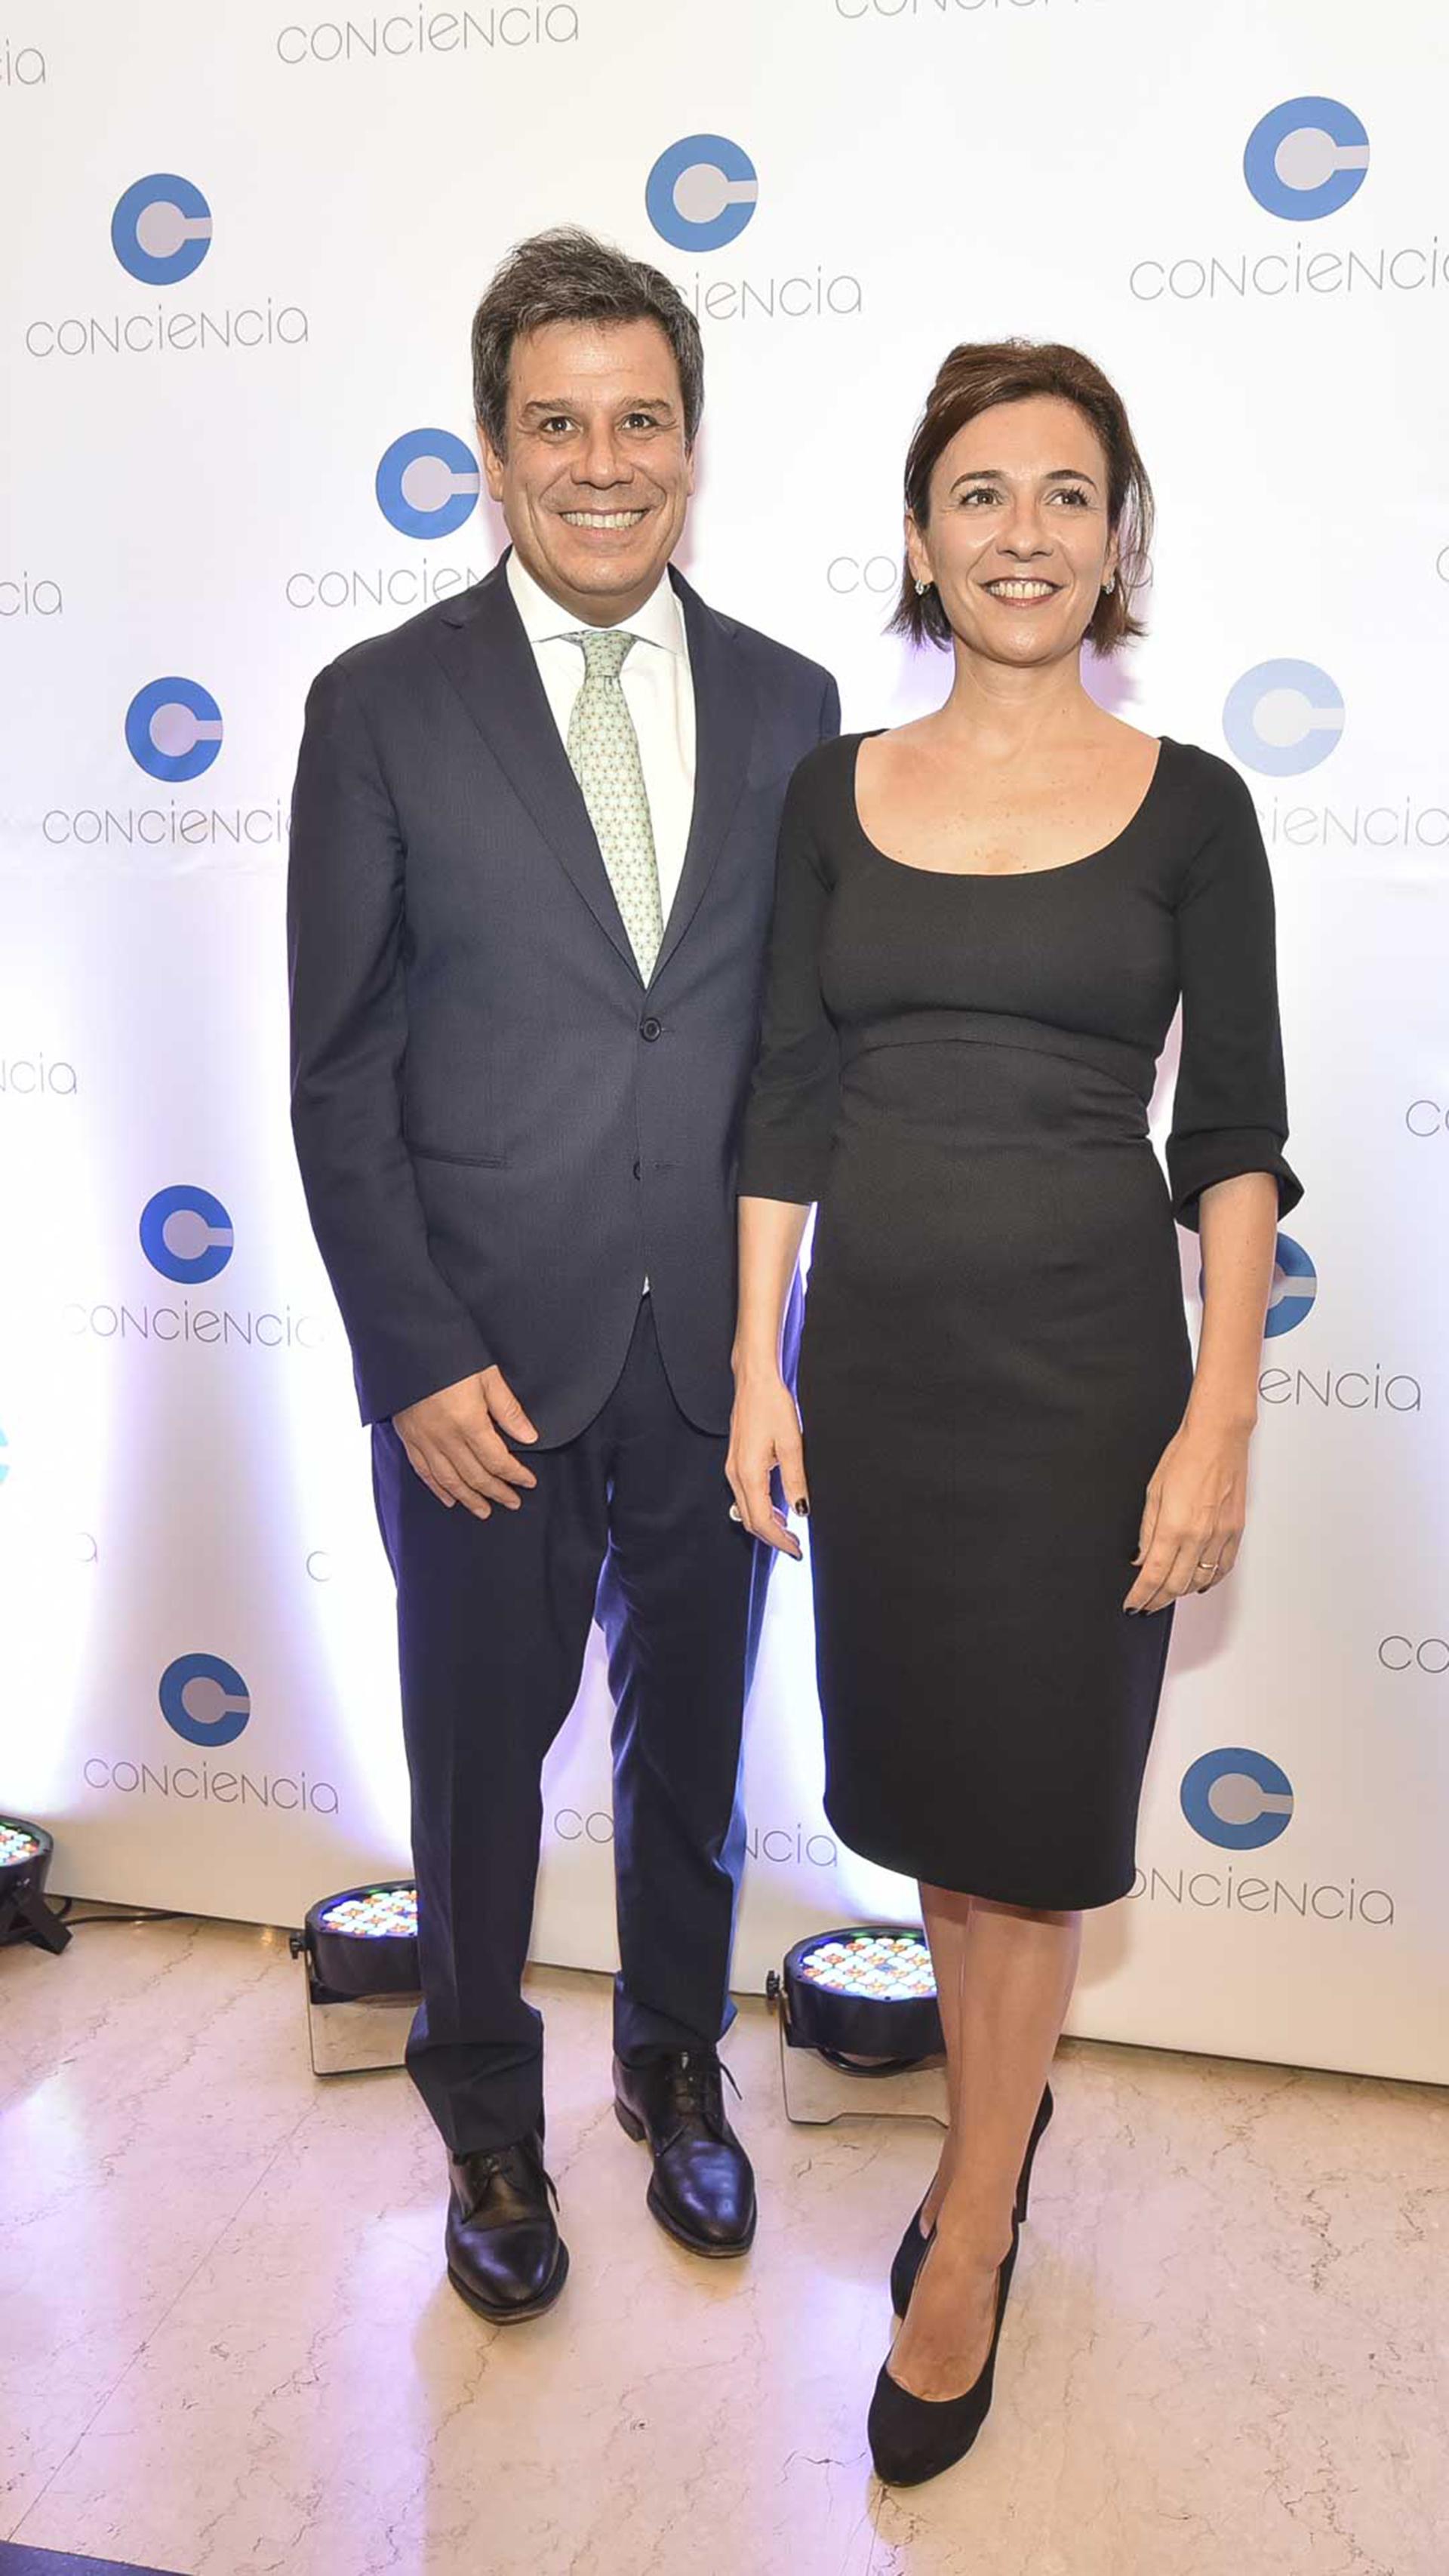 El neurocientífico Facundo Manes y su mujer Josefina Manes